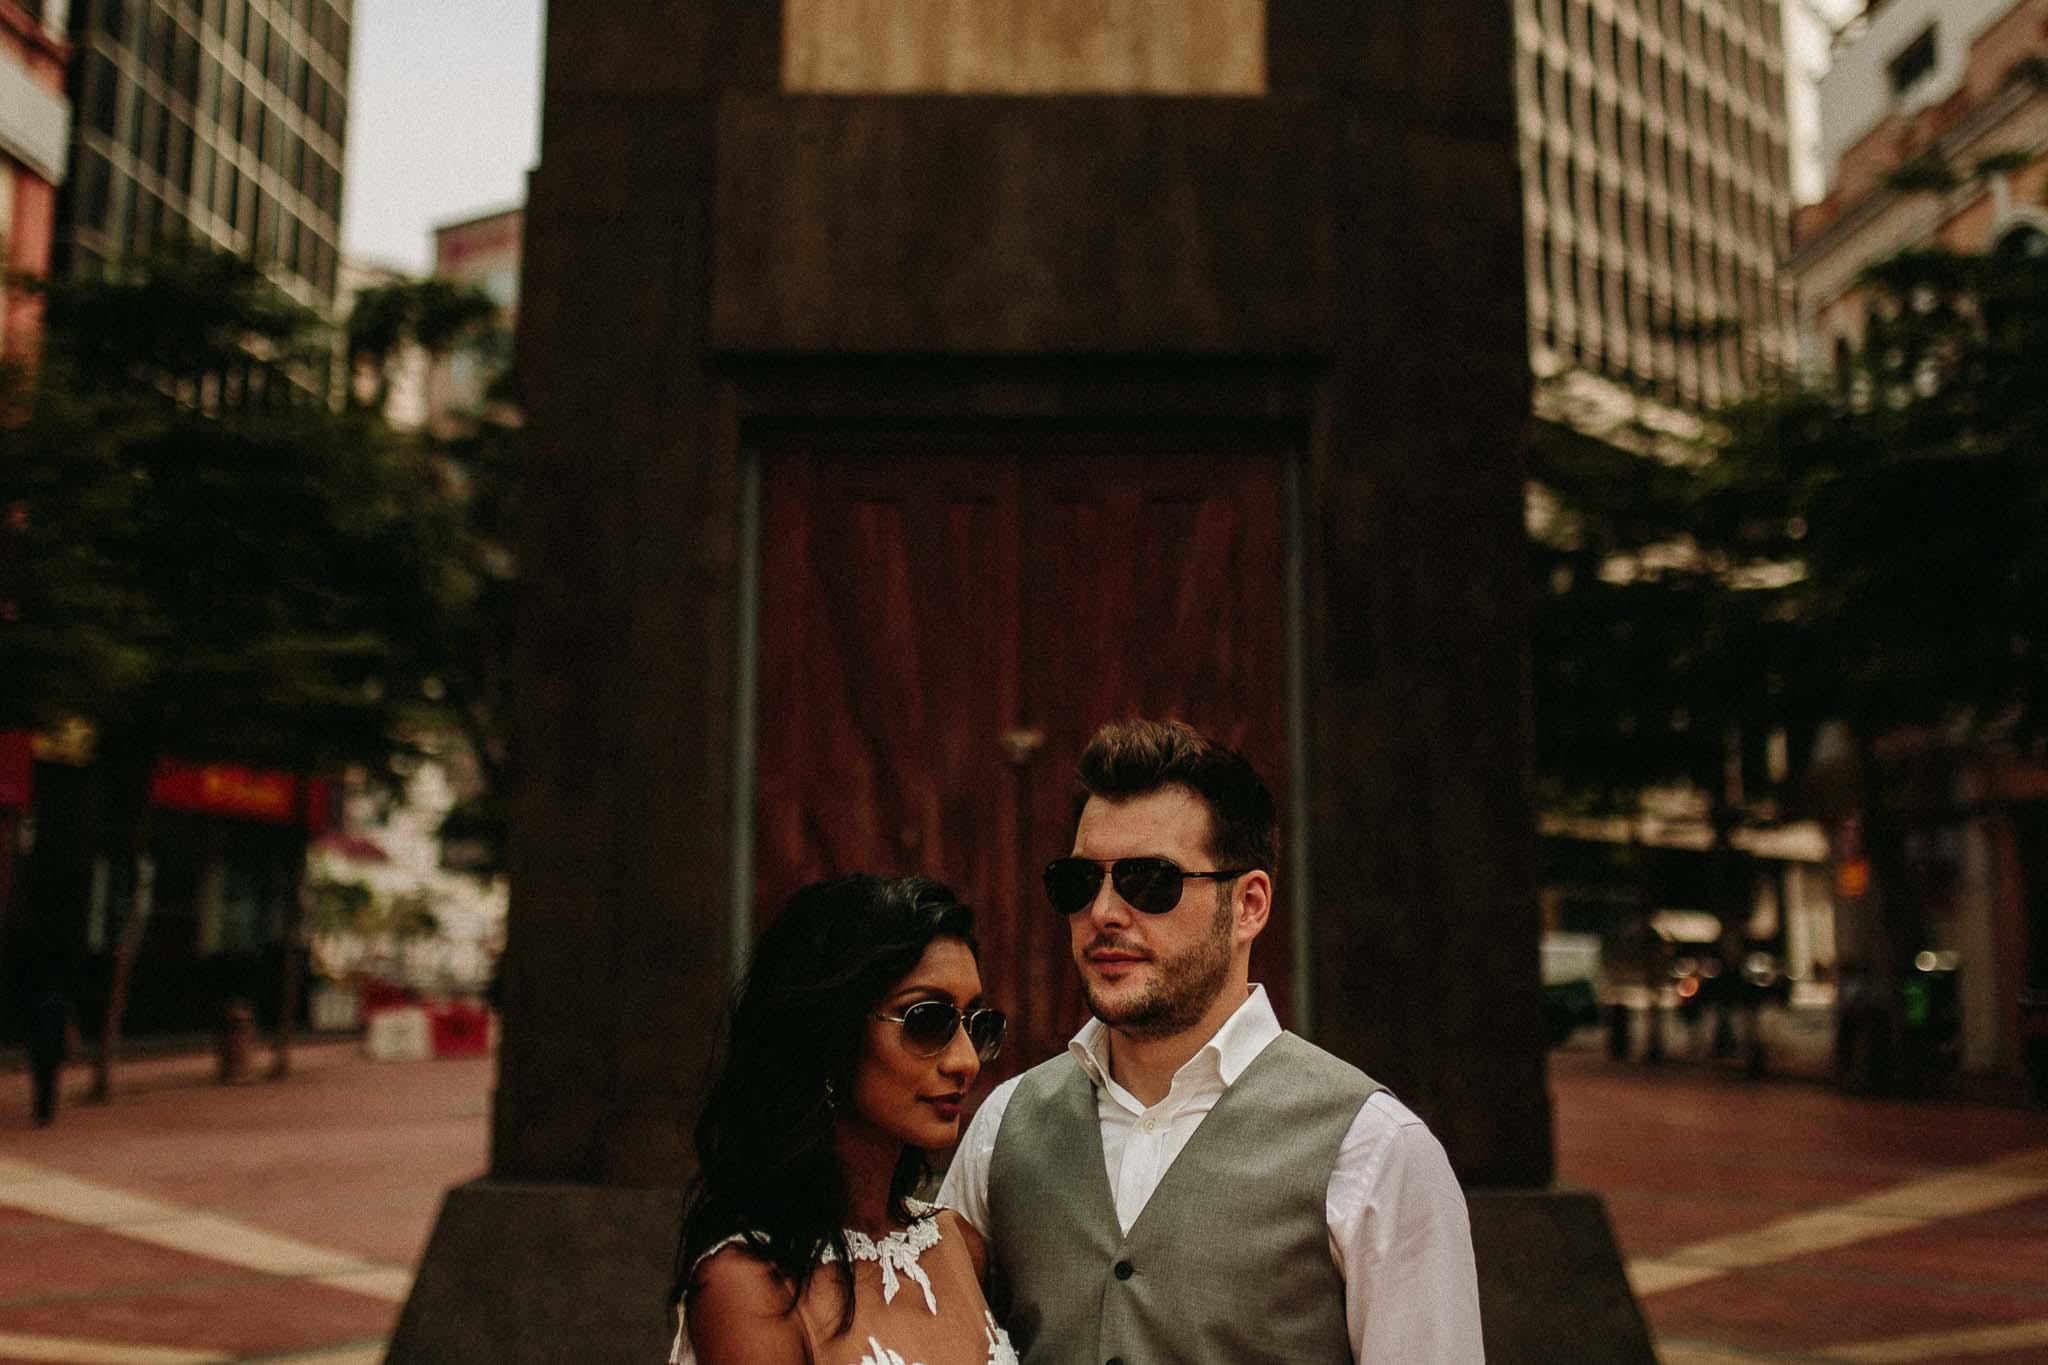 u&m-weddingsbyqay-lovesession-destinationweddingphotographer (124 of 160).jpg